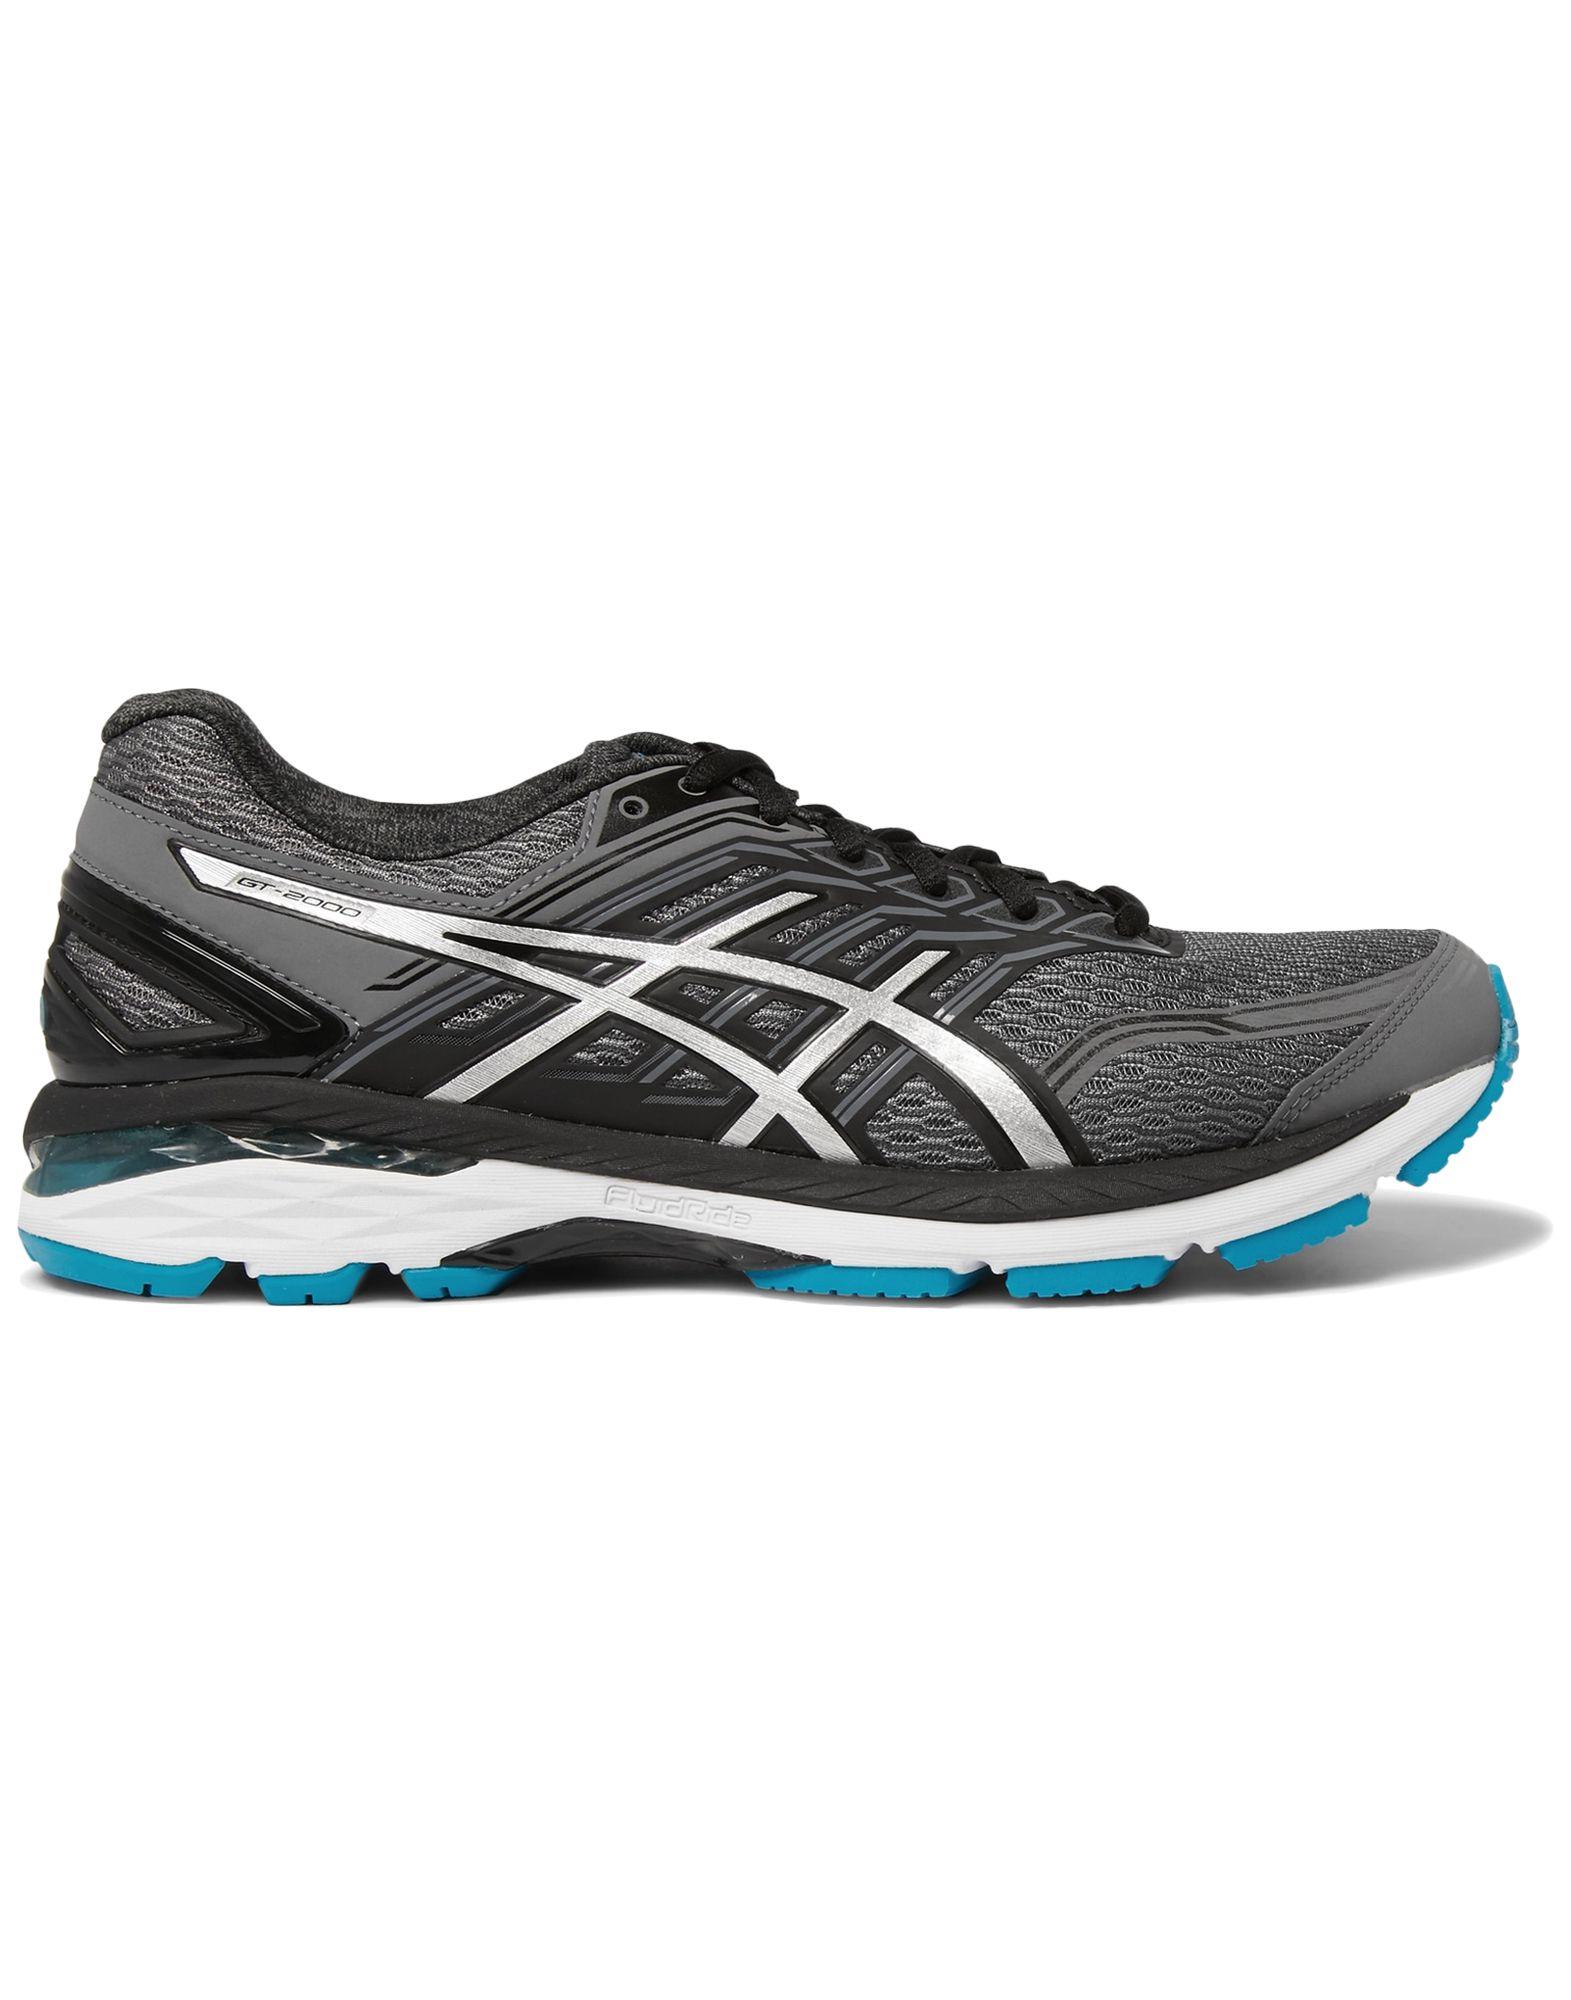 Rabatt echte Schuhe Asics Sneakers Herren  11540184PE